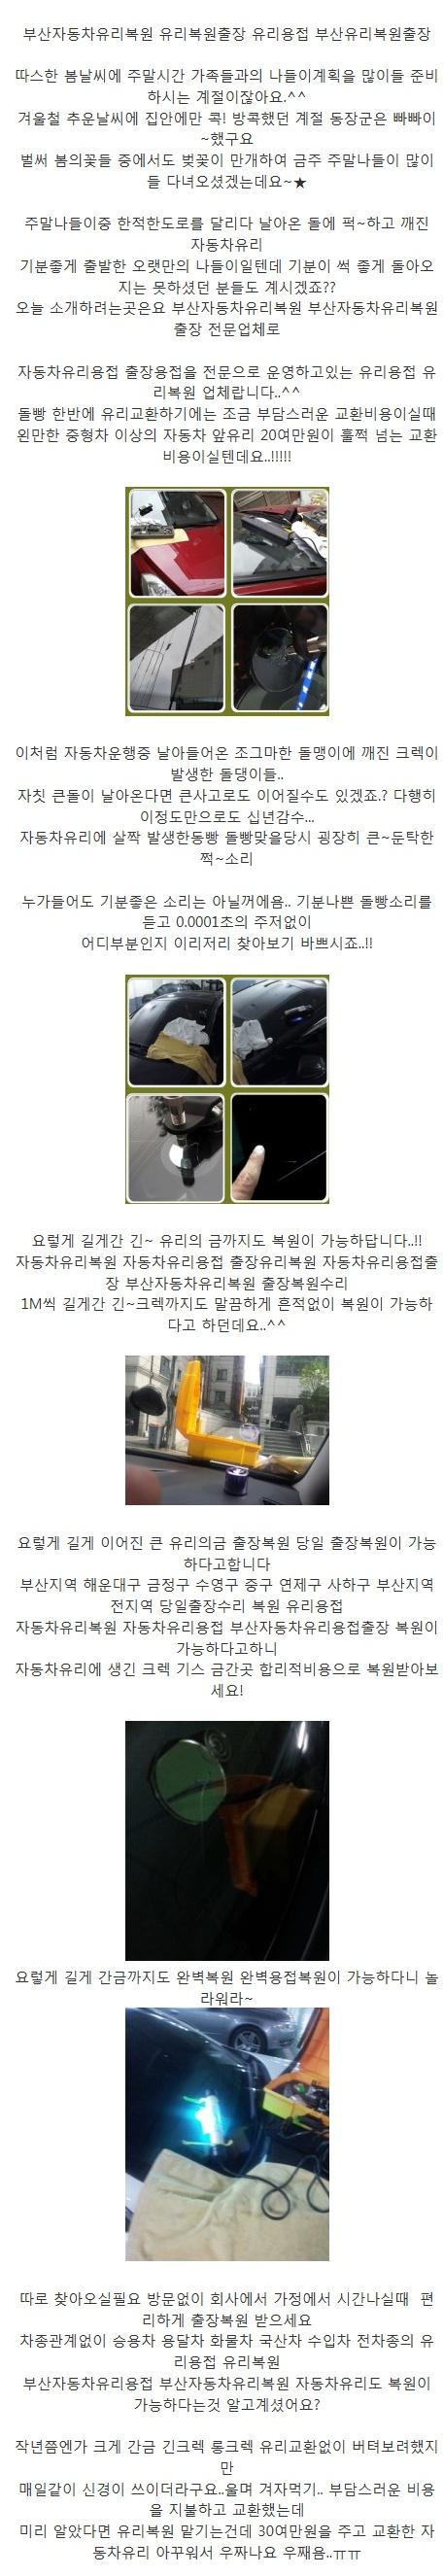 자동차 유리복원,용접, 출장(부산자동차)